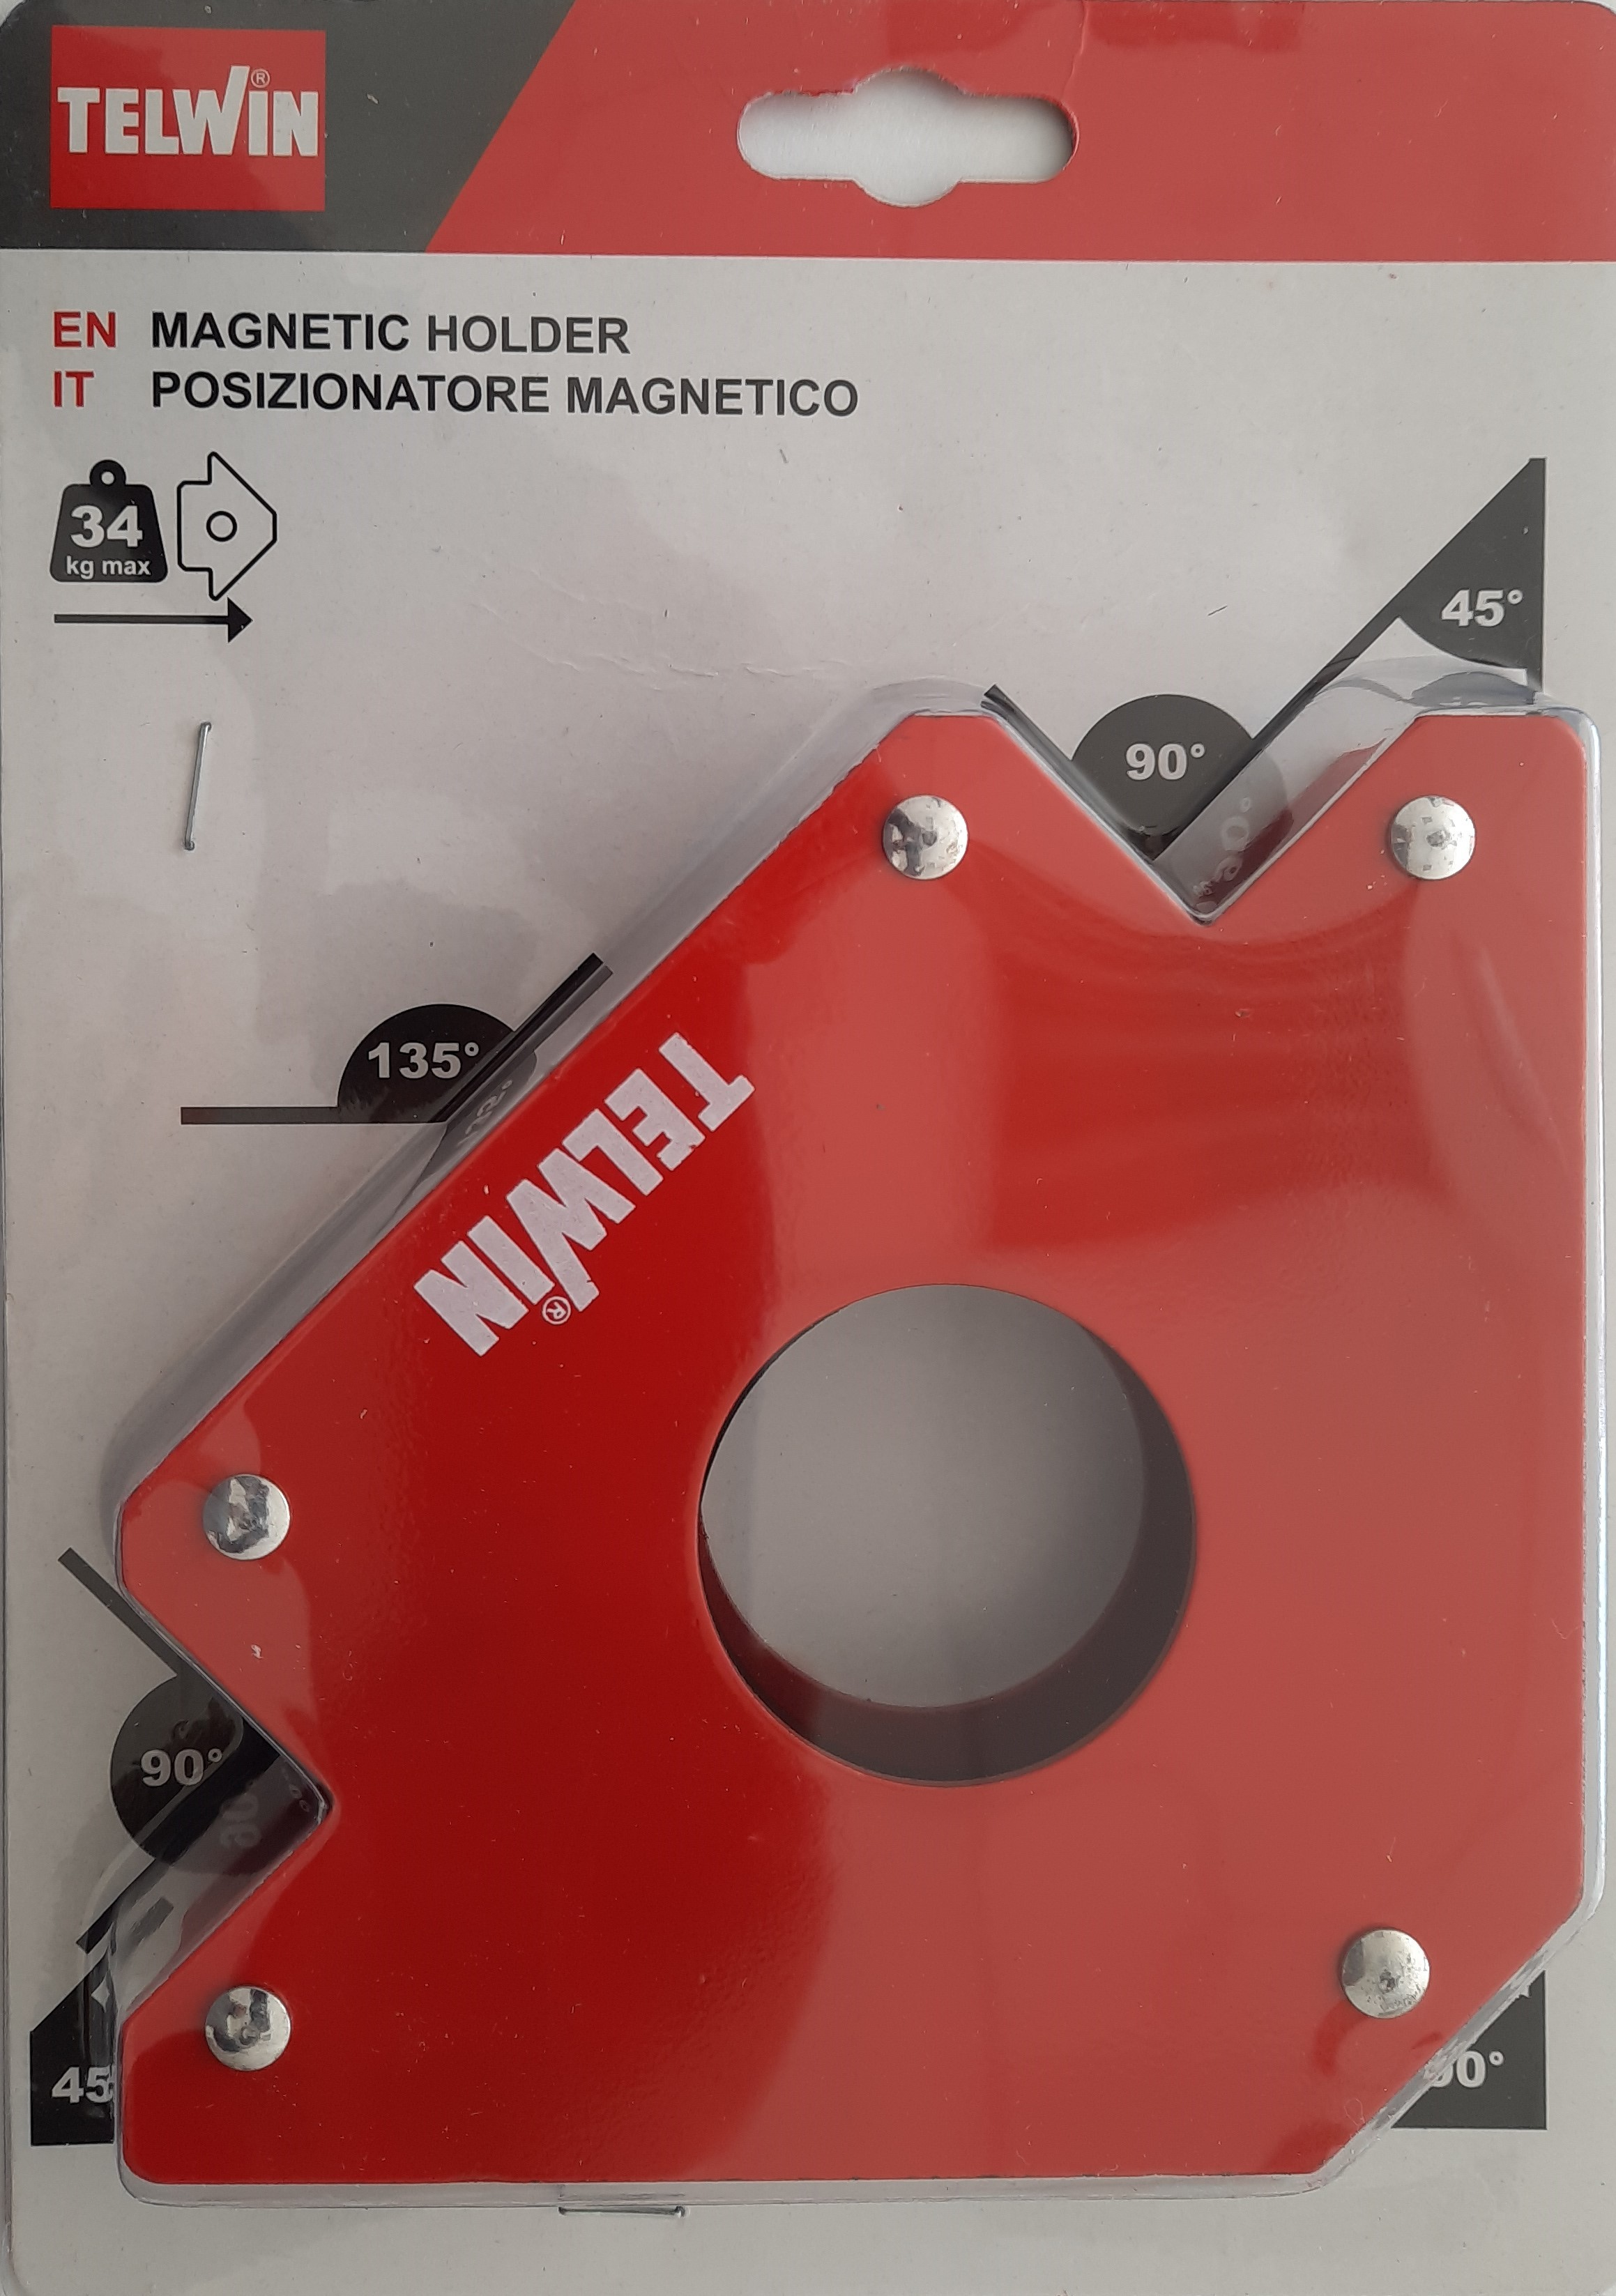 Posicionador magnético 34 kg